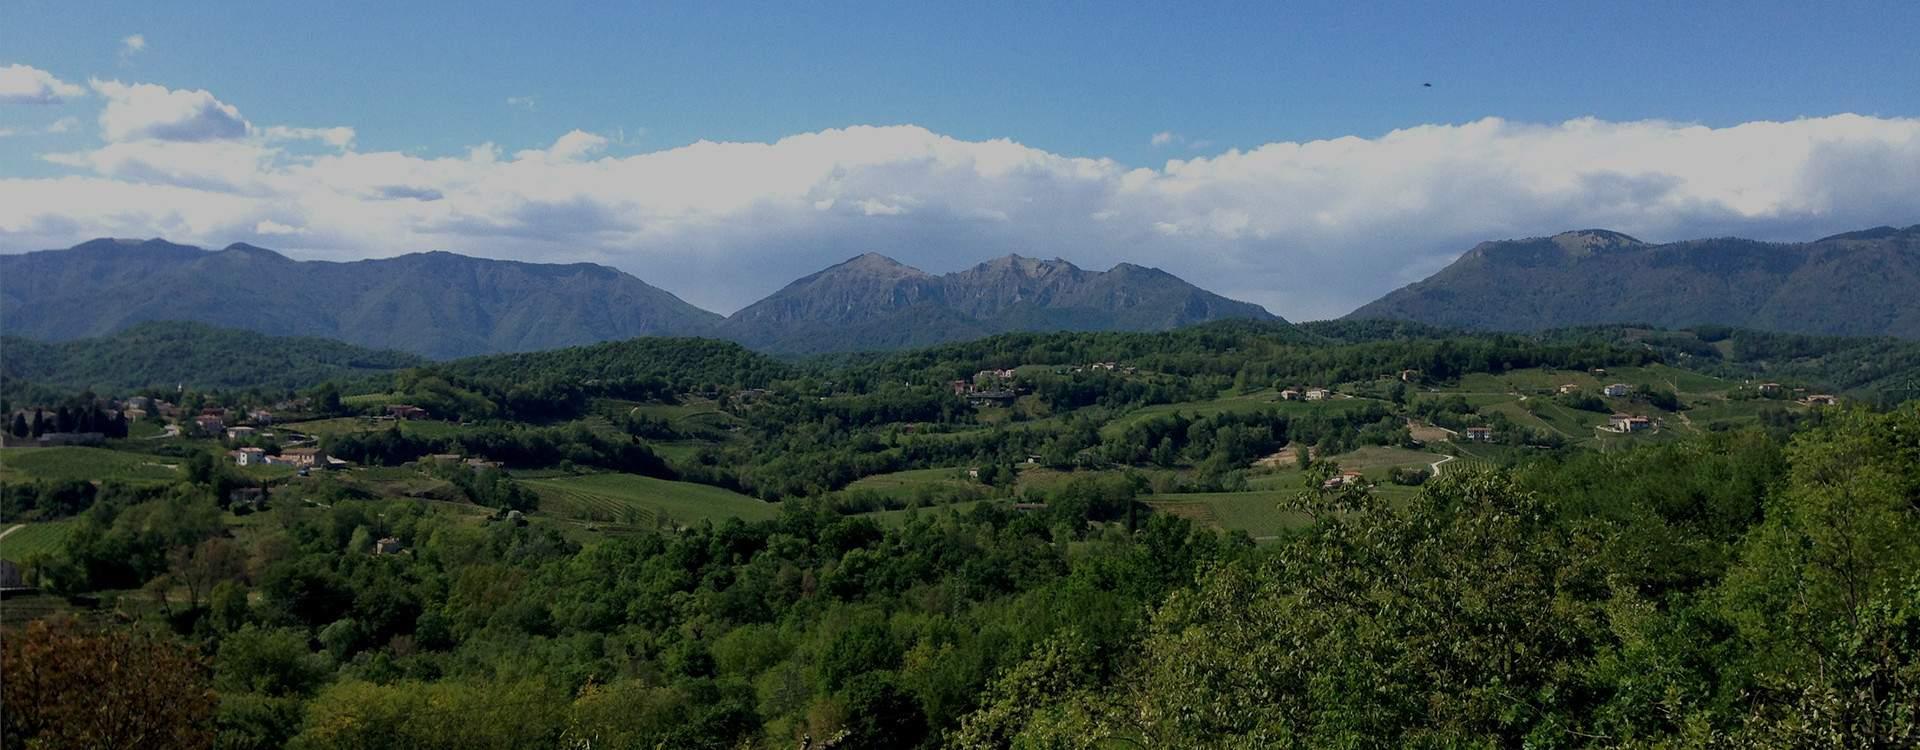 Prealpi Cansiglio Hiking Primavera